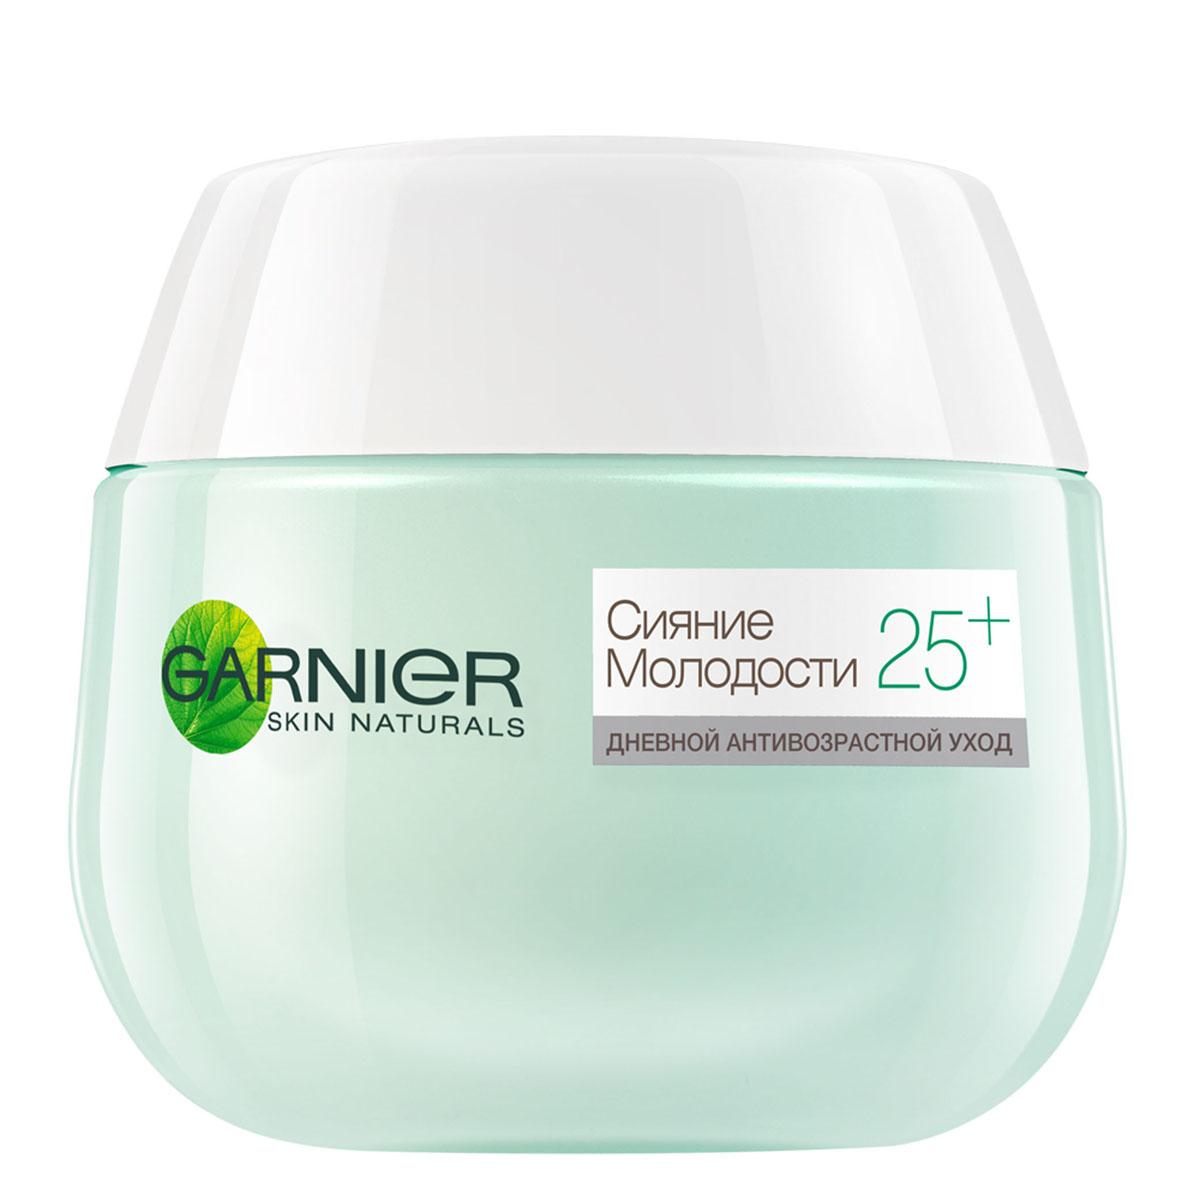 Garnier Крем для лица Антивозрастной Уход, Сияние молодости 25+, дневной, 50 мл